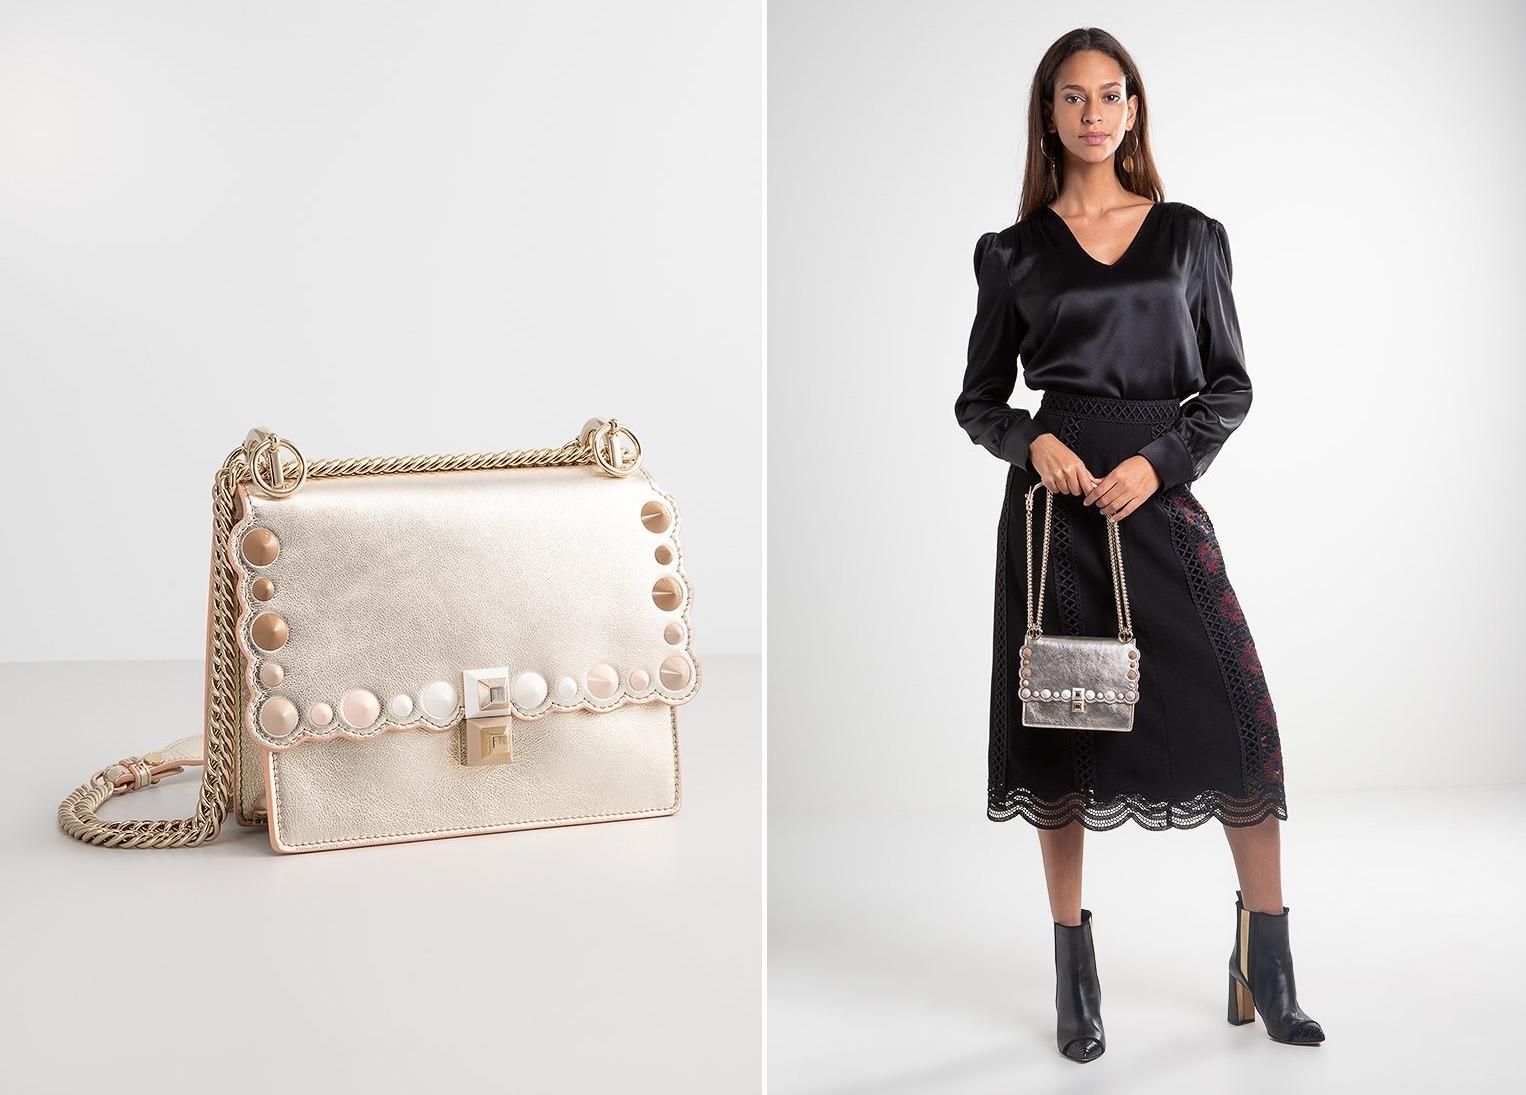 d11ce31e092a0 Ponadczasowe torebki Fendi - Porządnie o modzie i wnętrzach ...